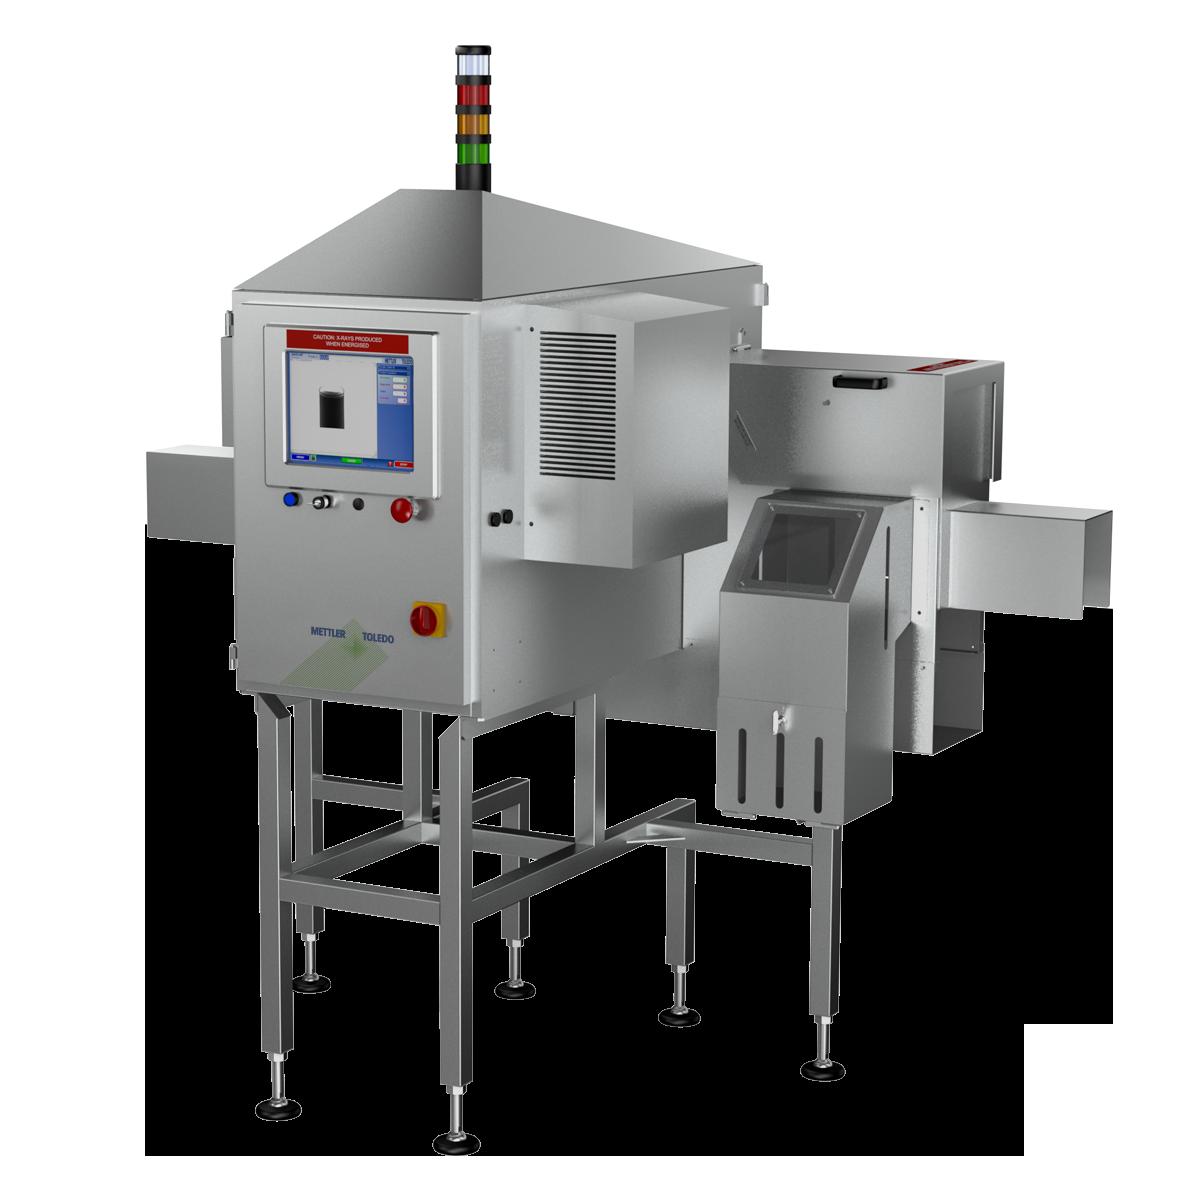 SideChek X-ray System